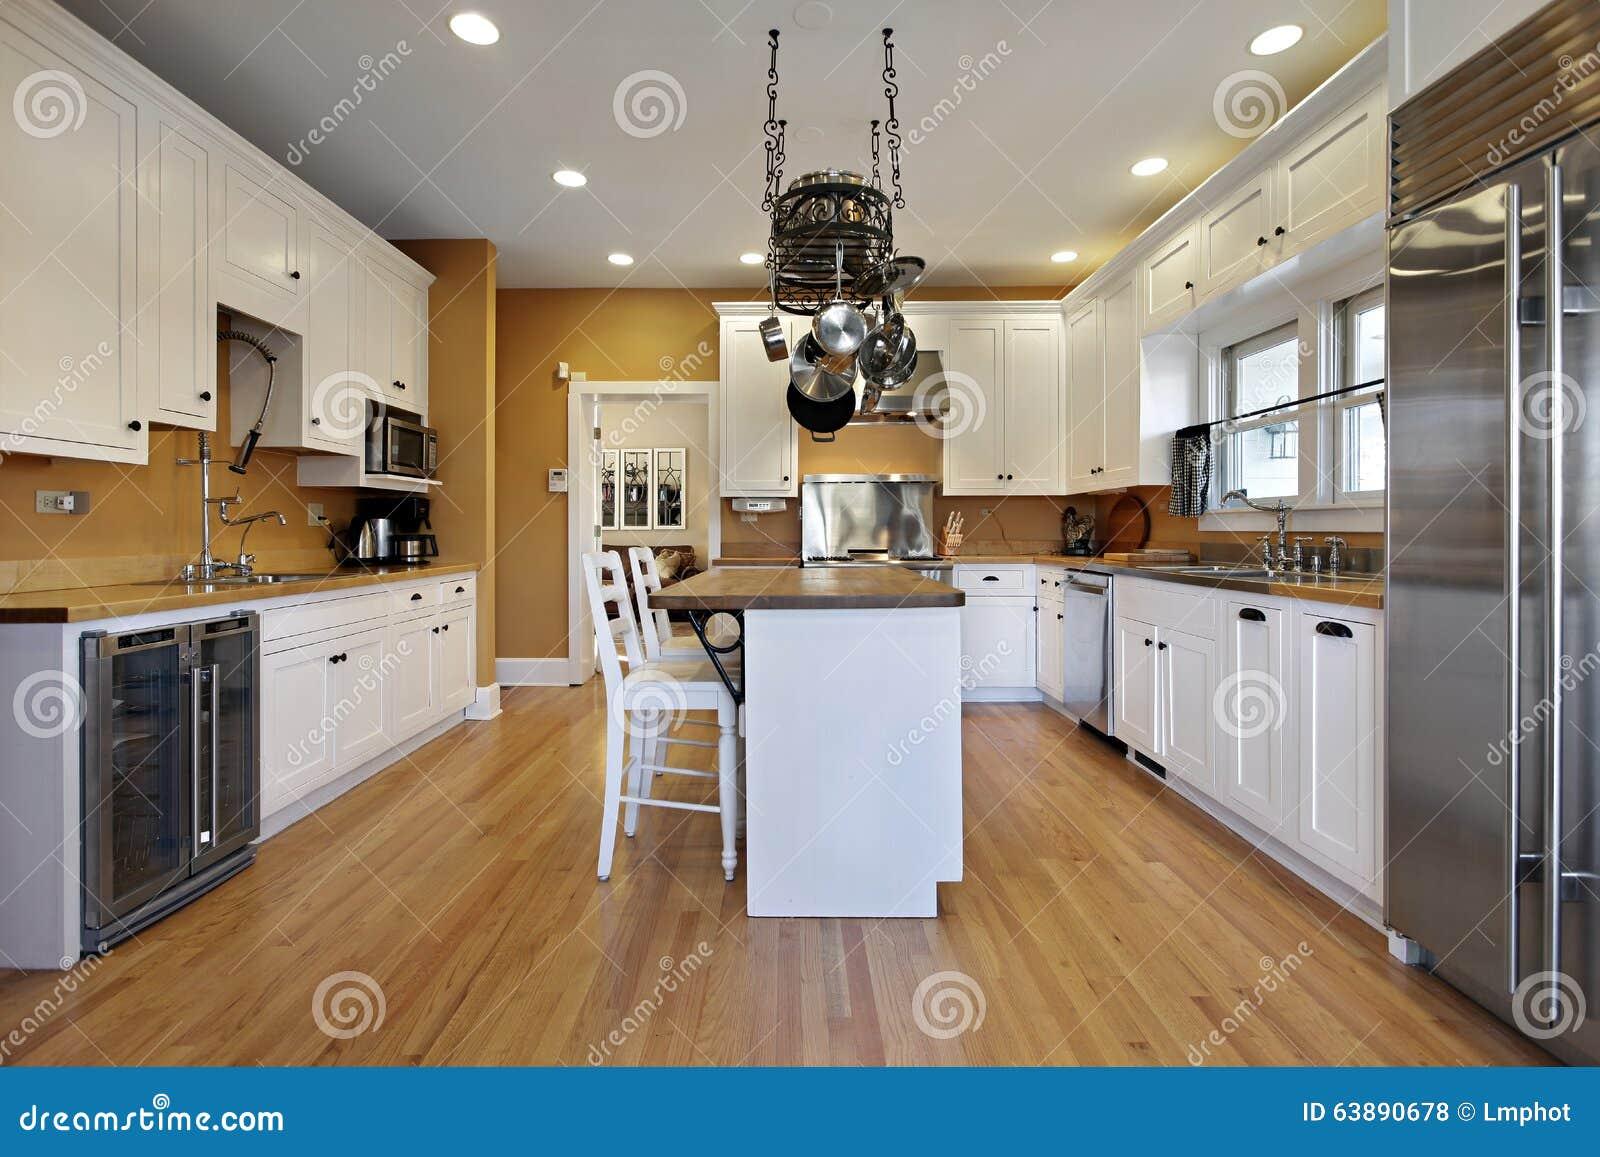 Cucina Con Le Pareti Colorate Oro Fotografia Stock - Immagine di ...